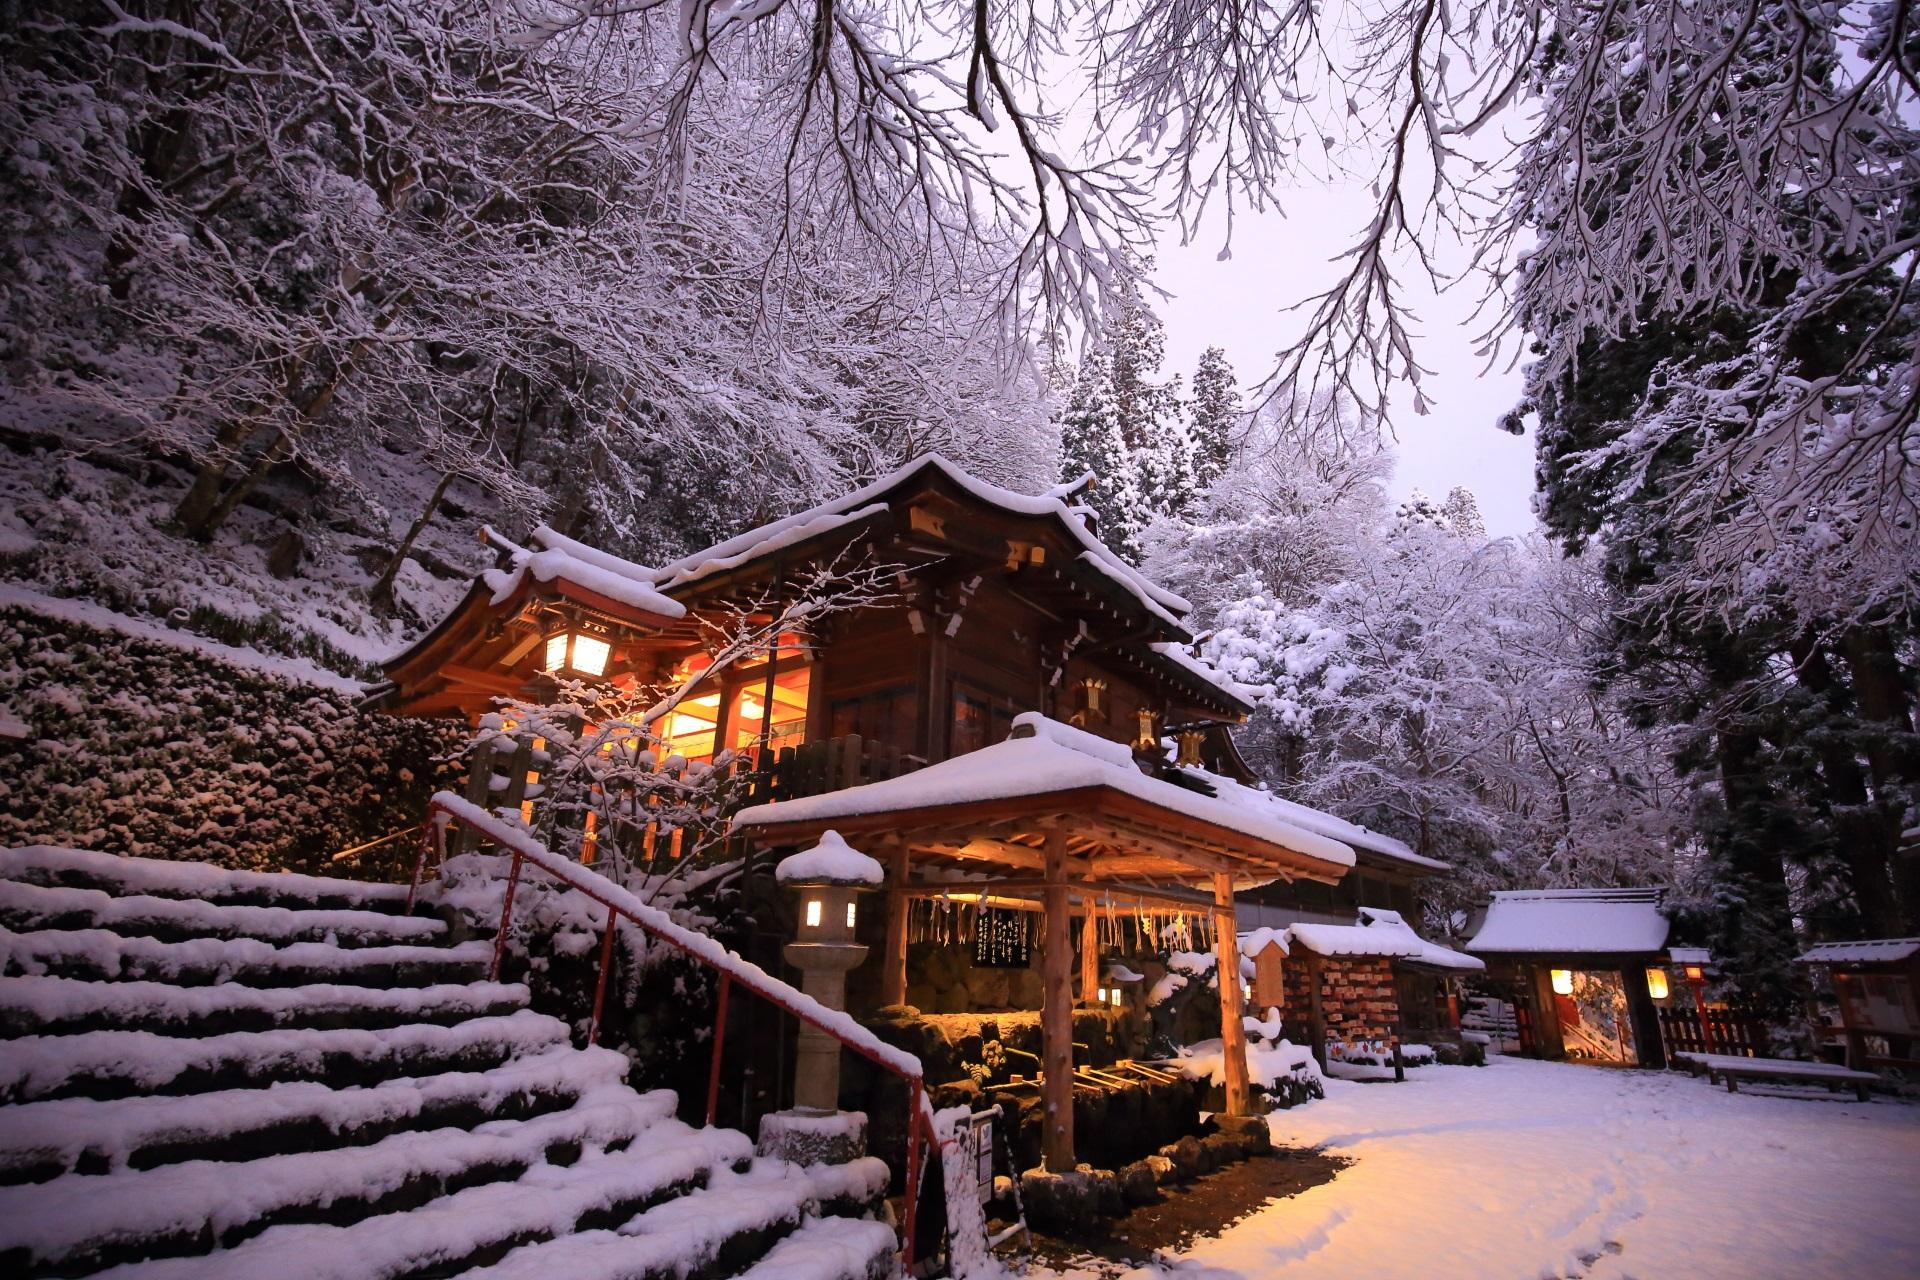 貴船神社の本宮の絶品の雪景色